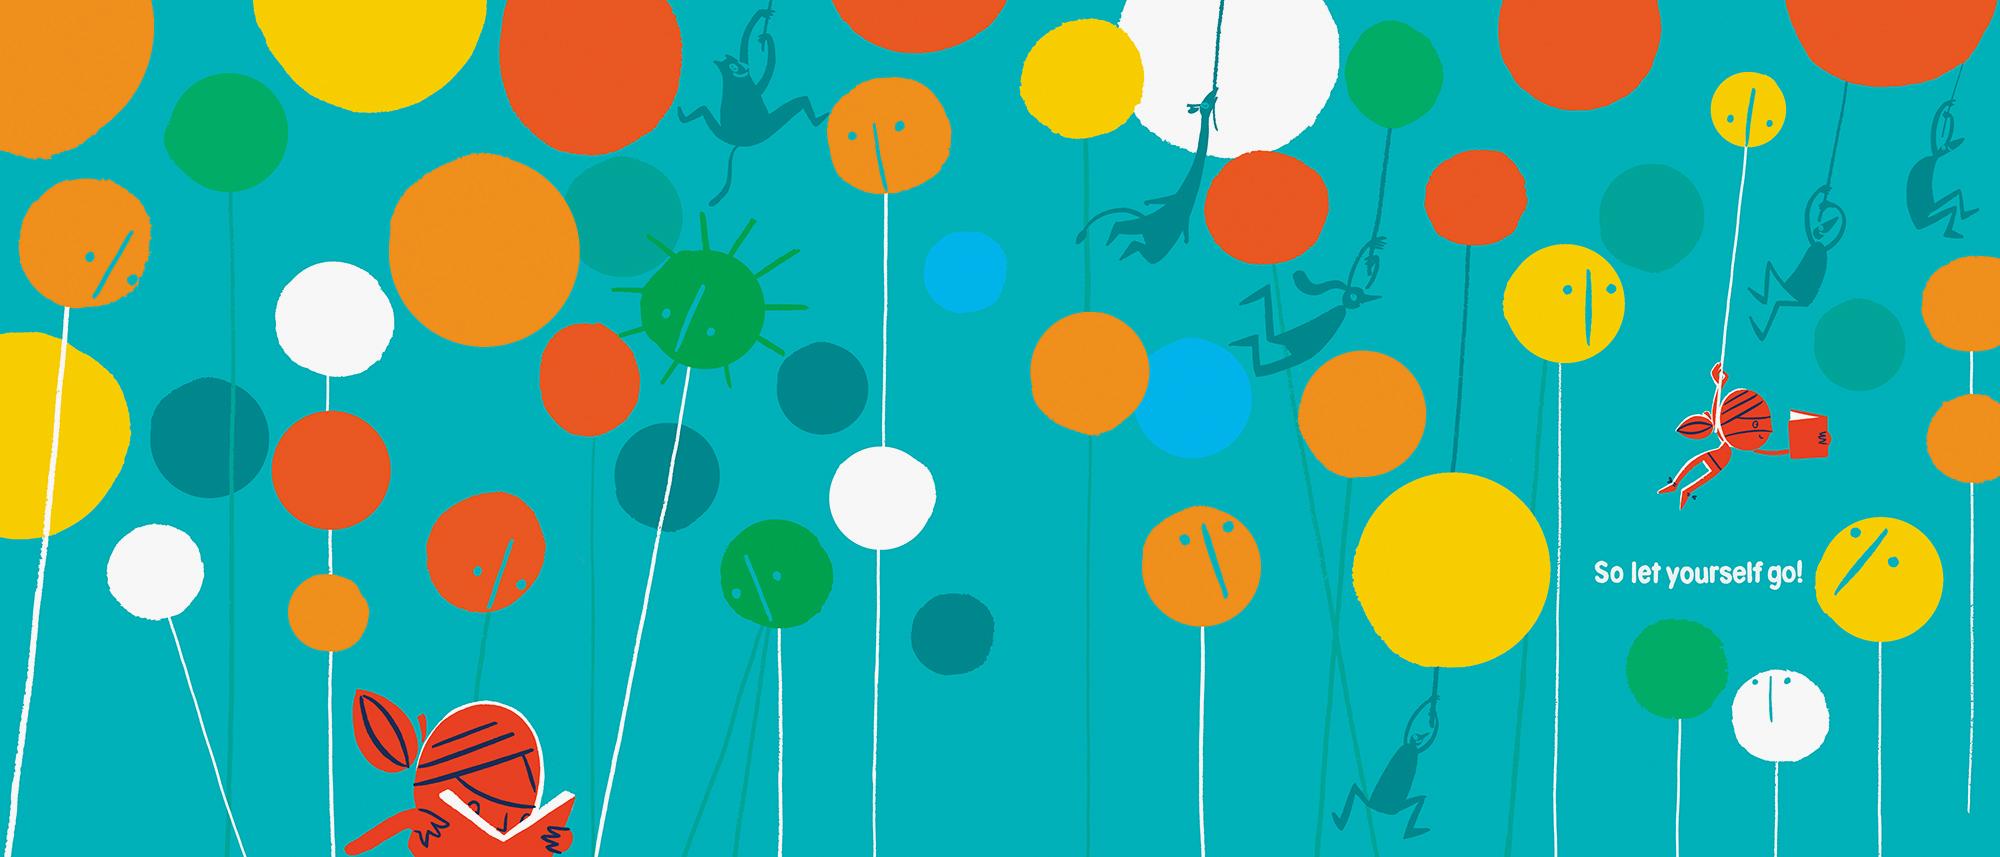 BestBook_balloons_Rilla.jpg